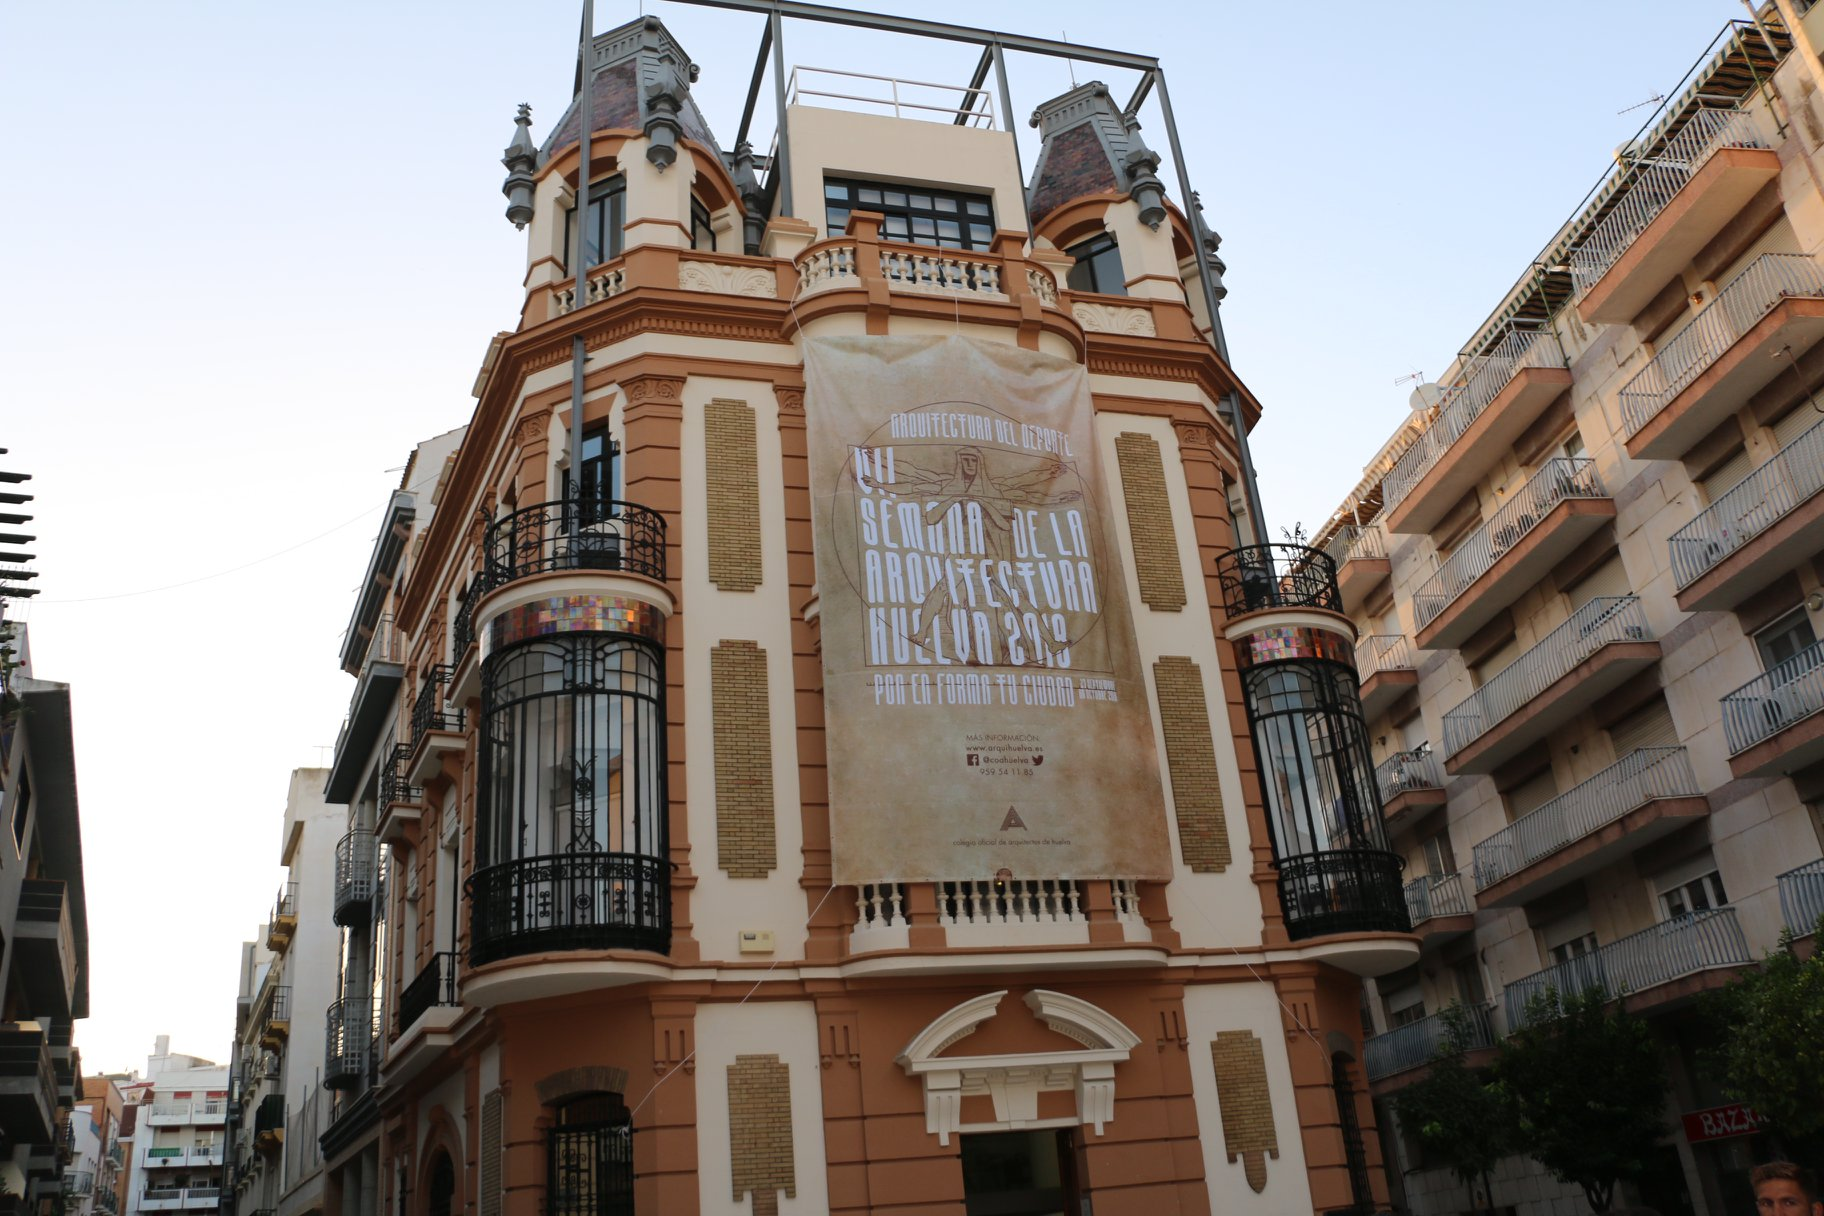 Los Arquitectos alertan del retraso en la concesión de  licencias, especialmente en ayuntamientos como el de Huelva